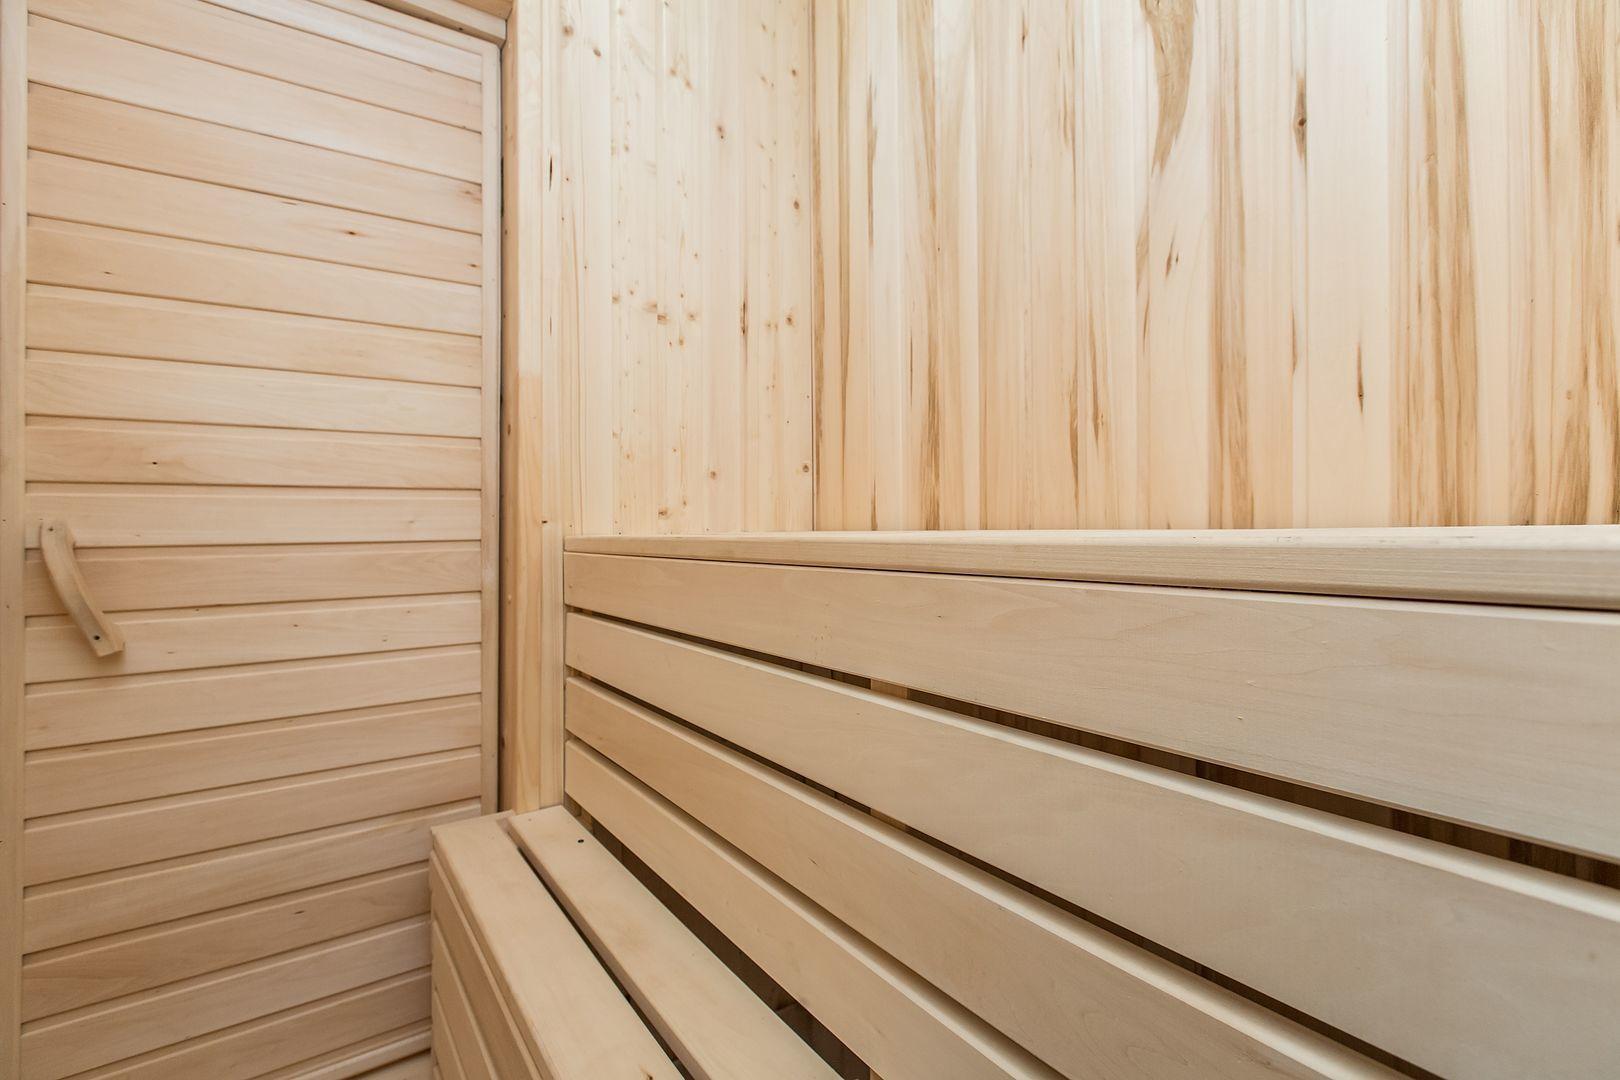 Деревянная вагонка, липа, осина, ольха или быть может канадский кедр? сделай правильный выбор!